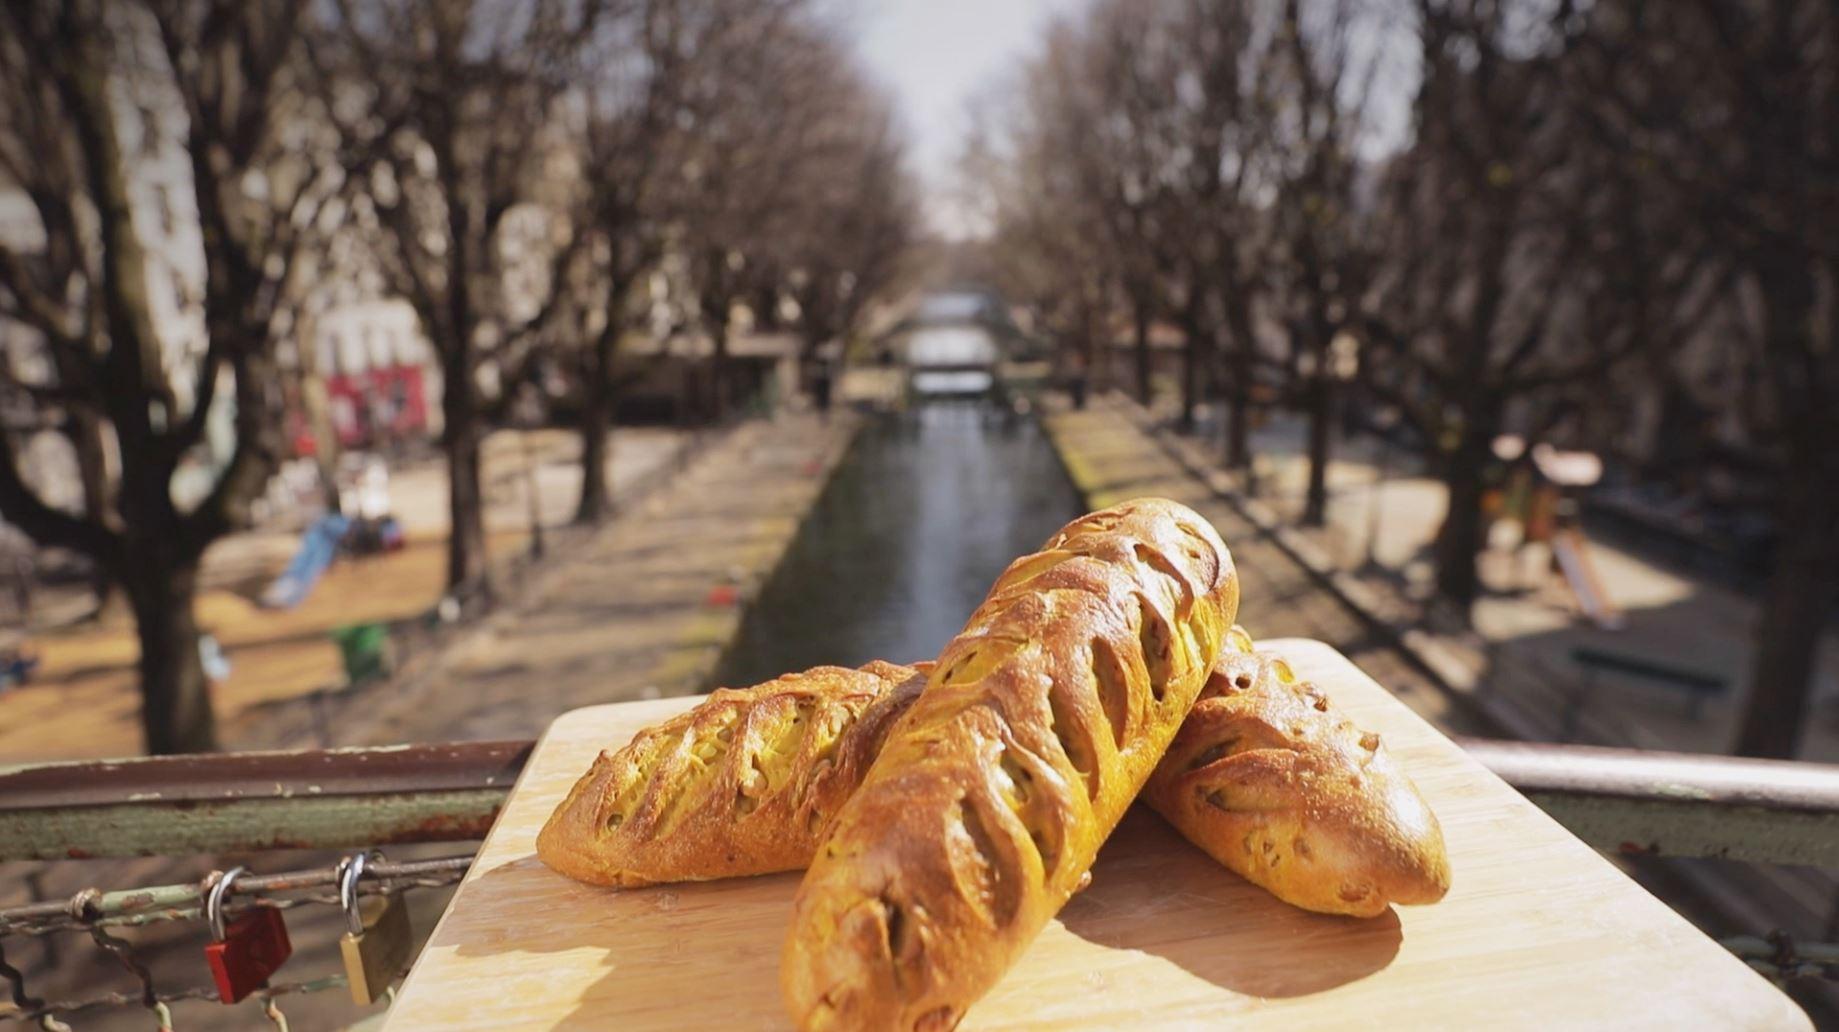 Recette du pain viennois curcuma, noix et noisettes